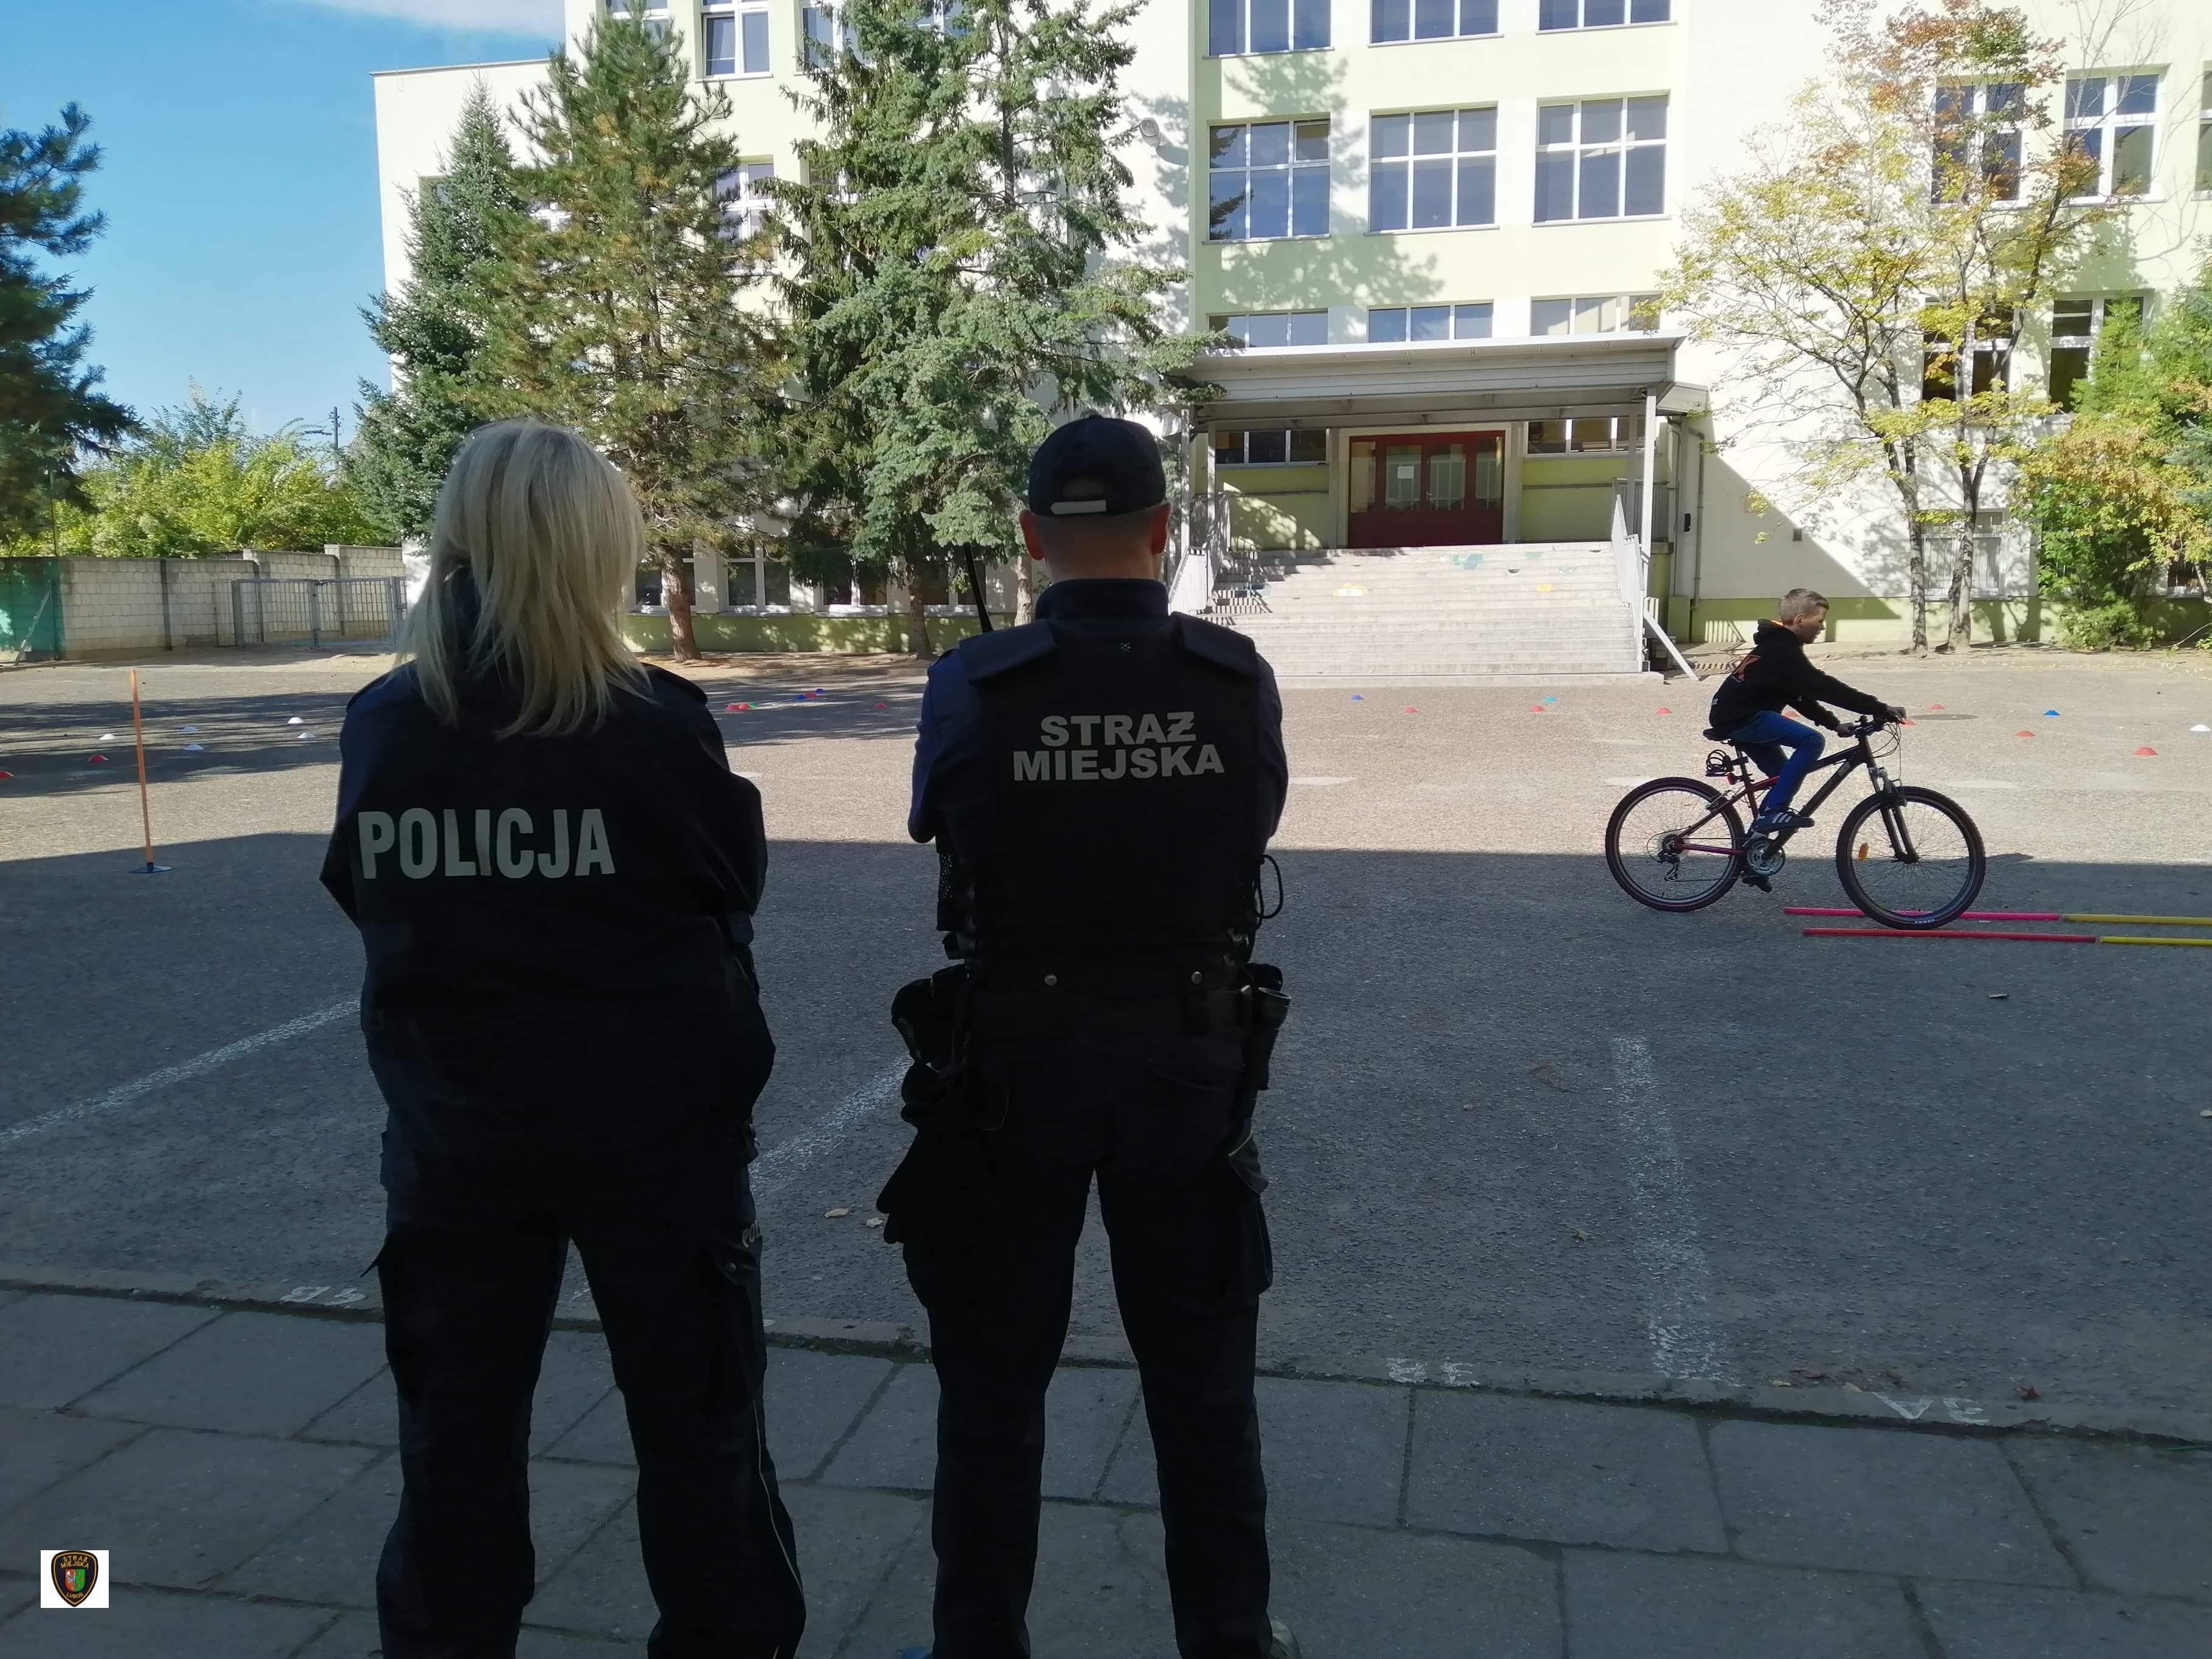 Zdjęcie przedstawia stojących policjantkę i strażnika miejskiego oraz dziecko jadące rowerem podczas egzaminu na kartę rowerową